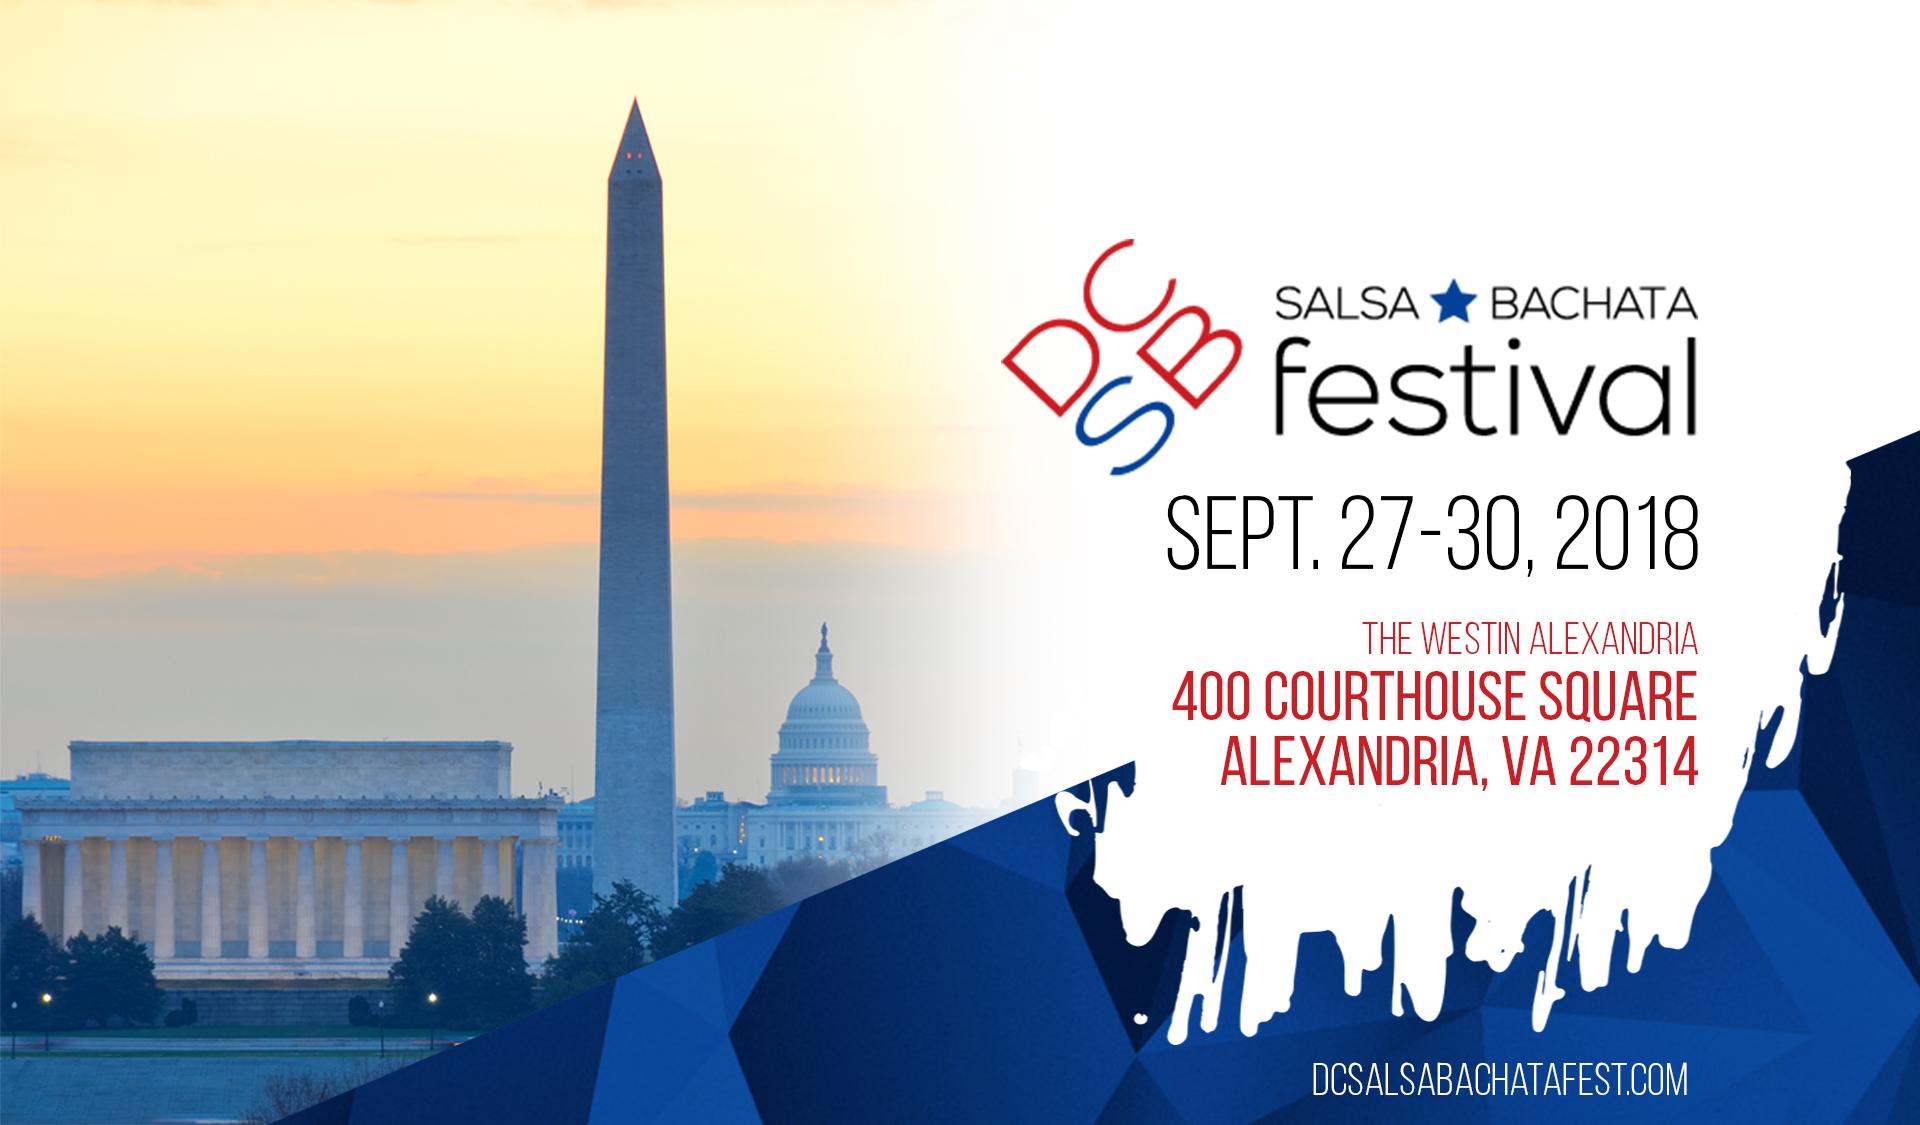 Alexandria Salsa & Bachata Festival